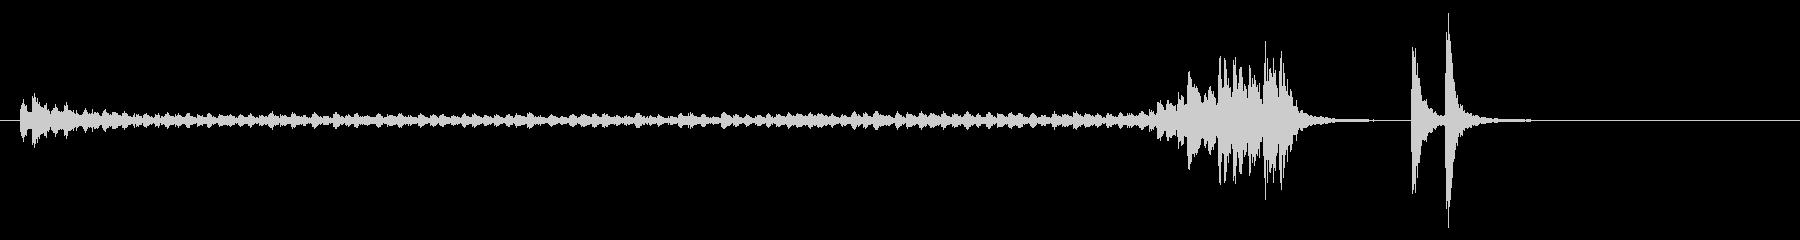 大太鼓28ドロ歌舞伎情景描写和風和太鼓劇の未再生の波形